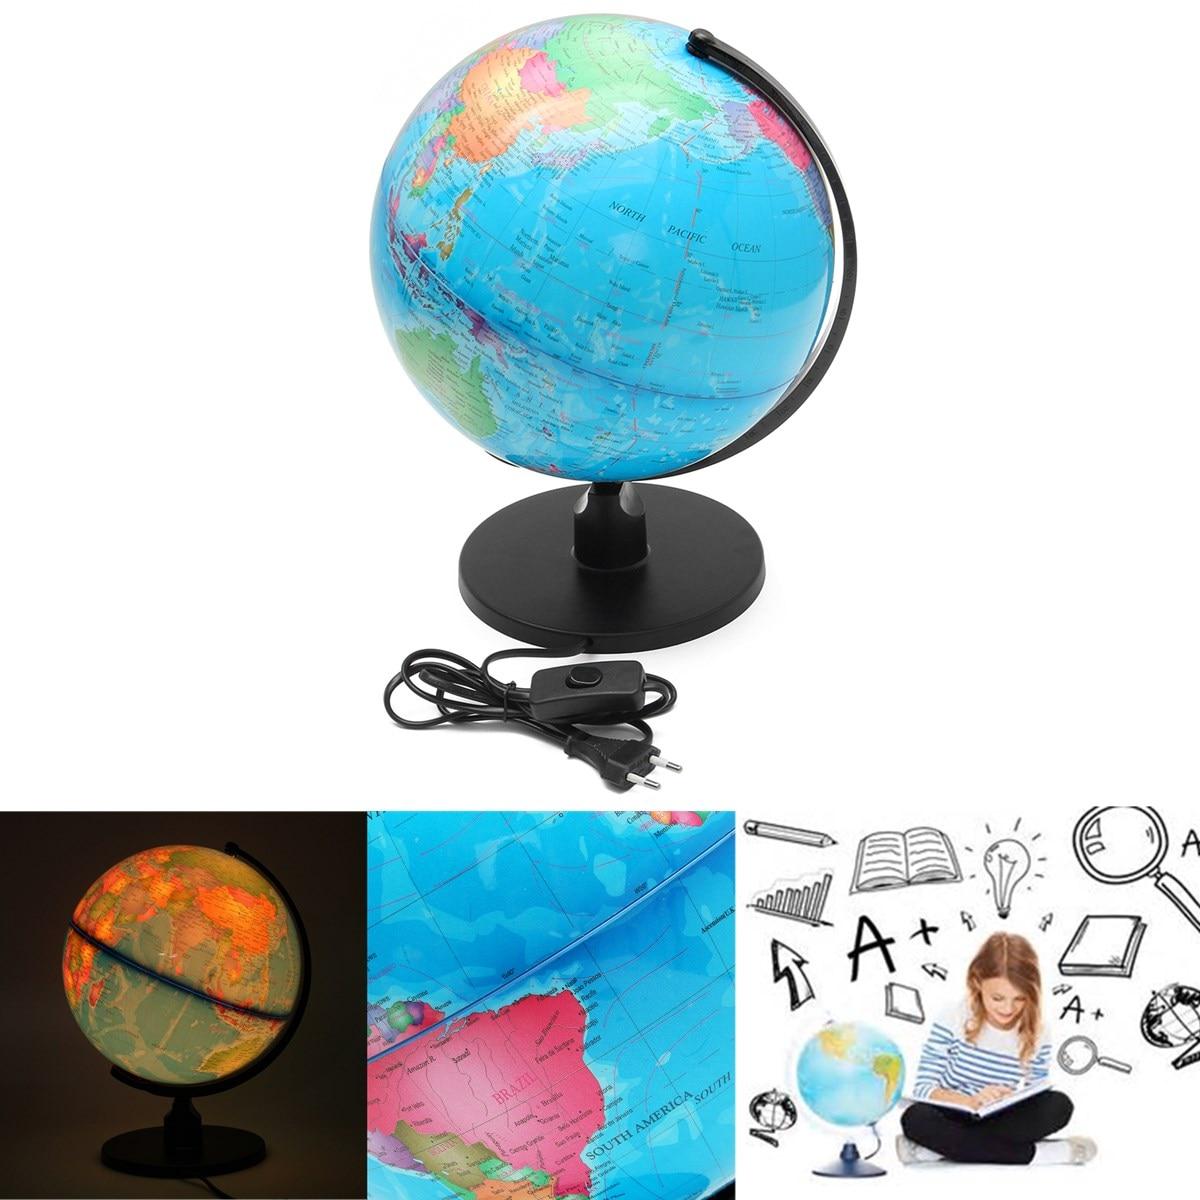 25 Cm Led Erde Globus Welt Karte Geographie Pädagogisches Spielzeug Für Desktop Dekoration Hause Büro Hilfe Miniaturen Kinder Geschenk Phantasie Farben